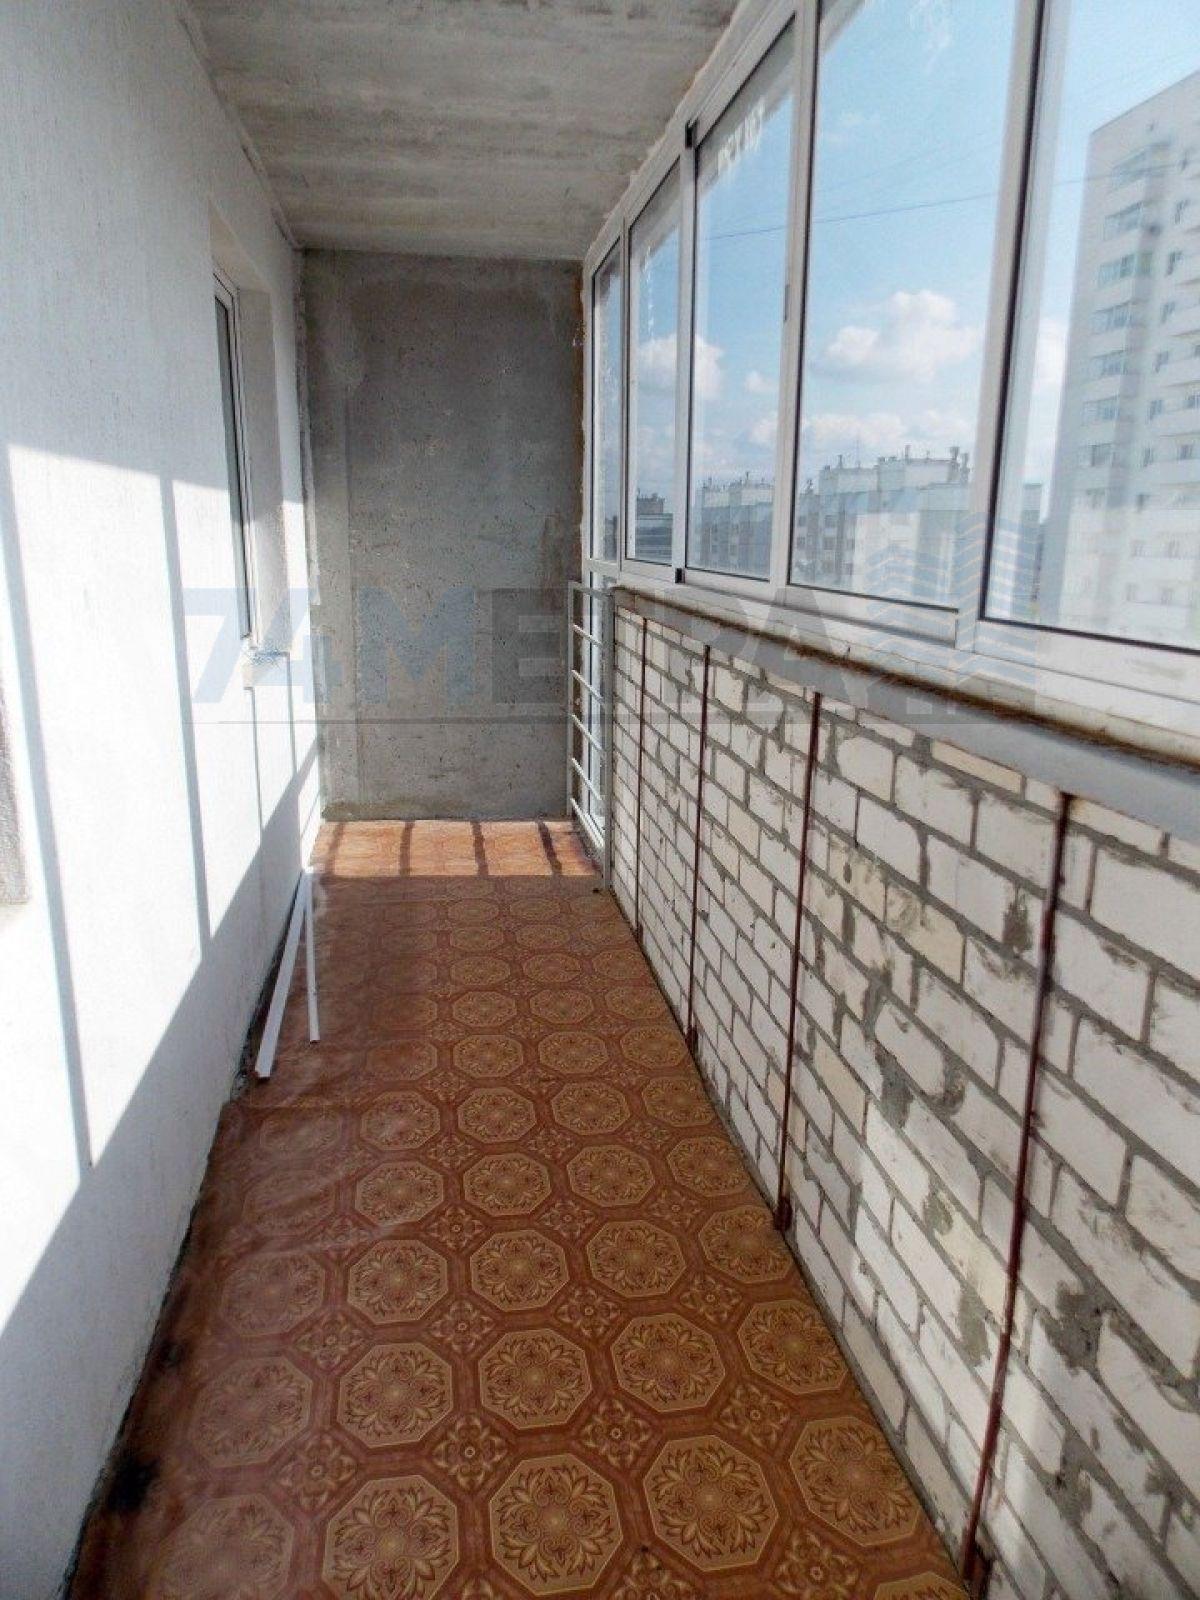 7 500 ₽, 1 - комнатная квартира, площадь 32 м², этаж 8/10